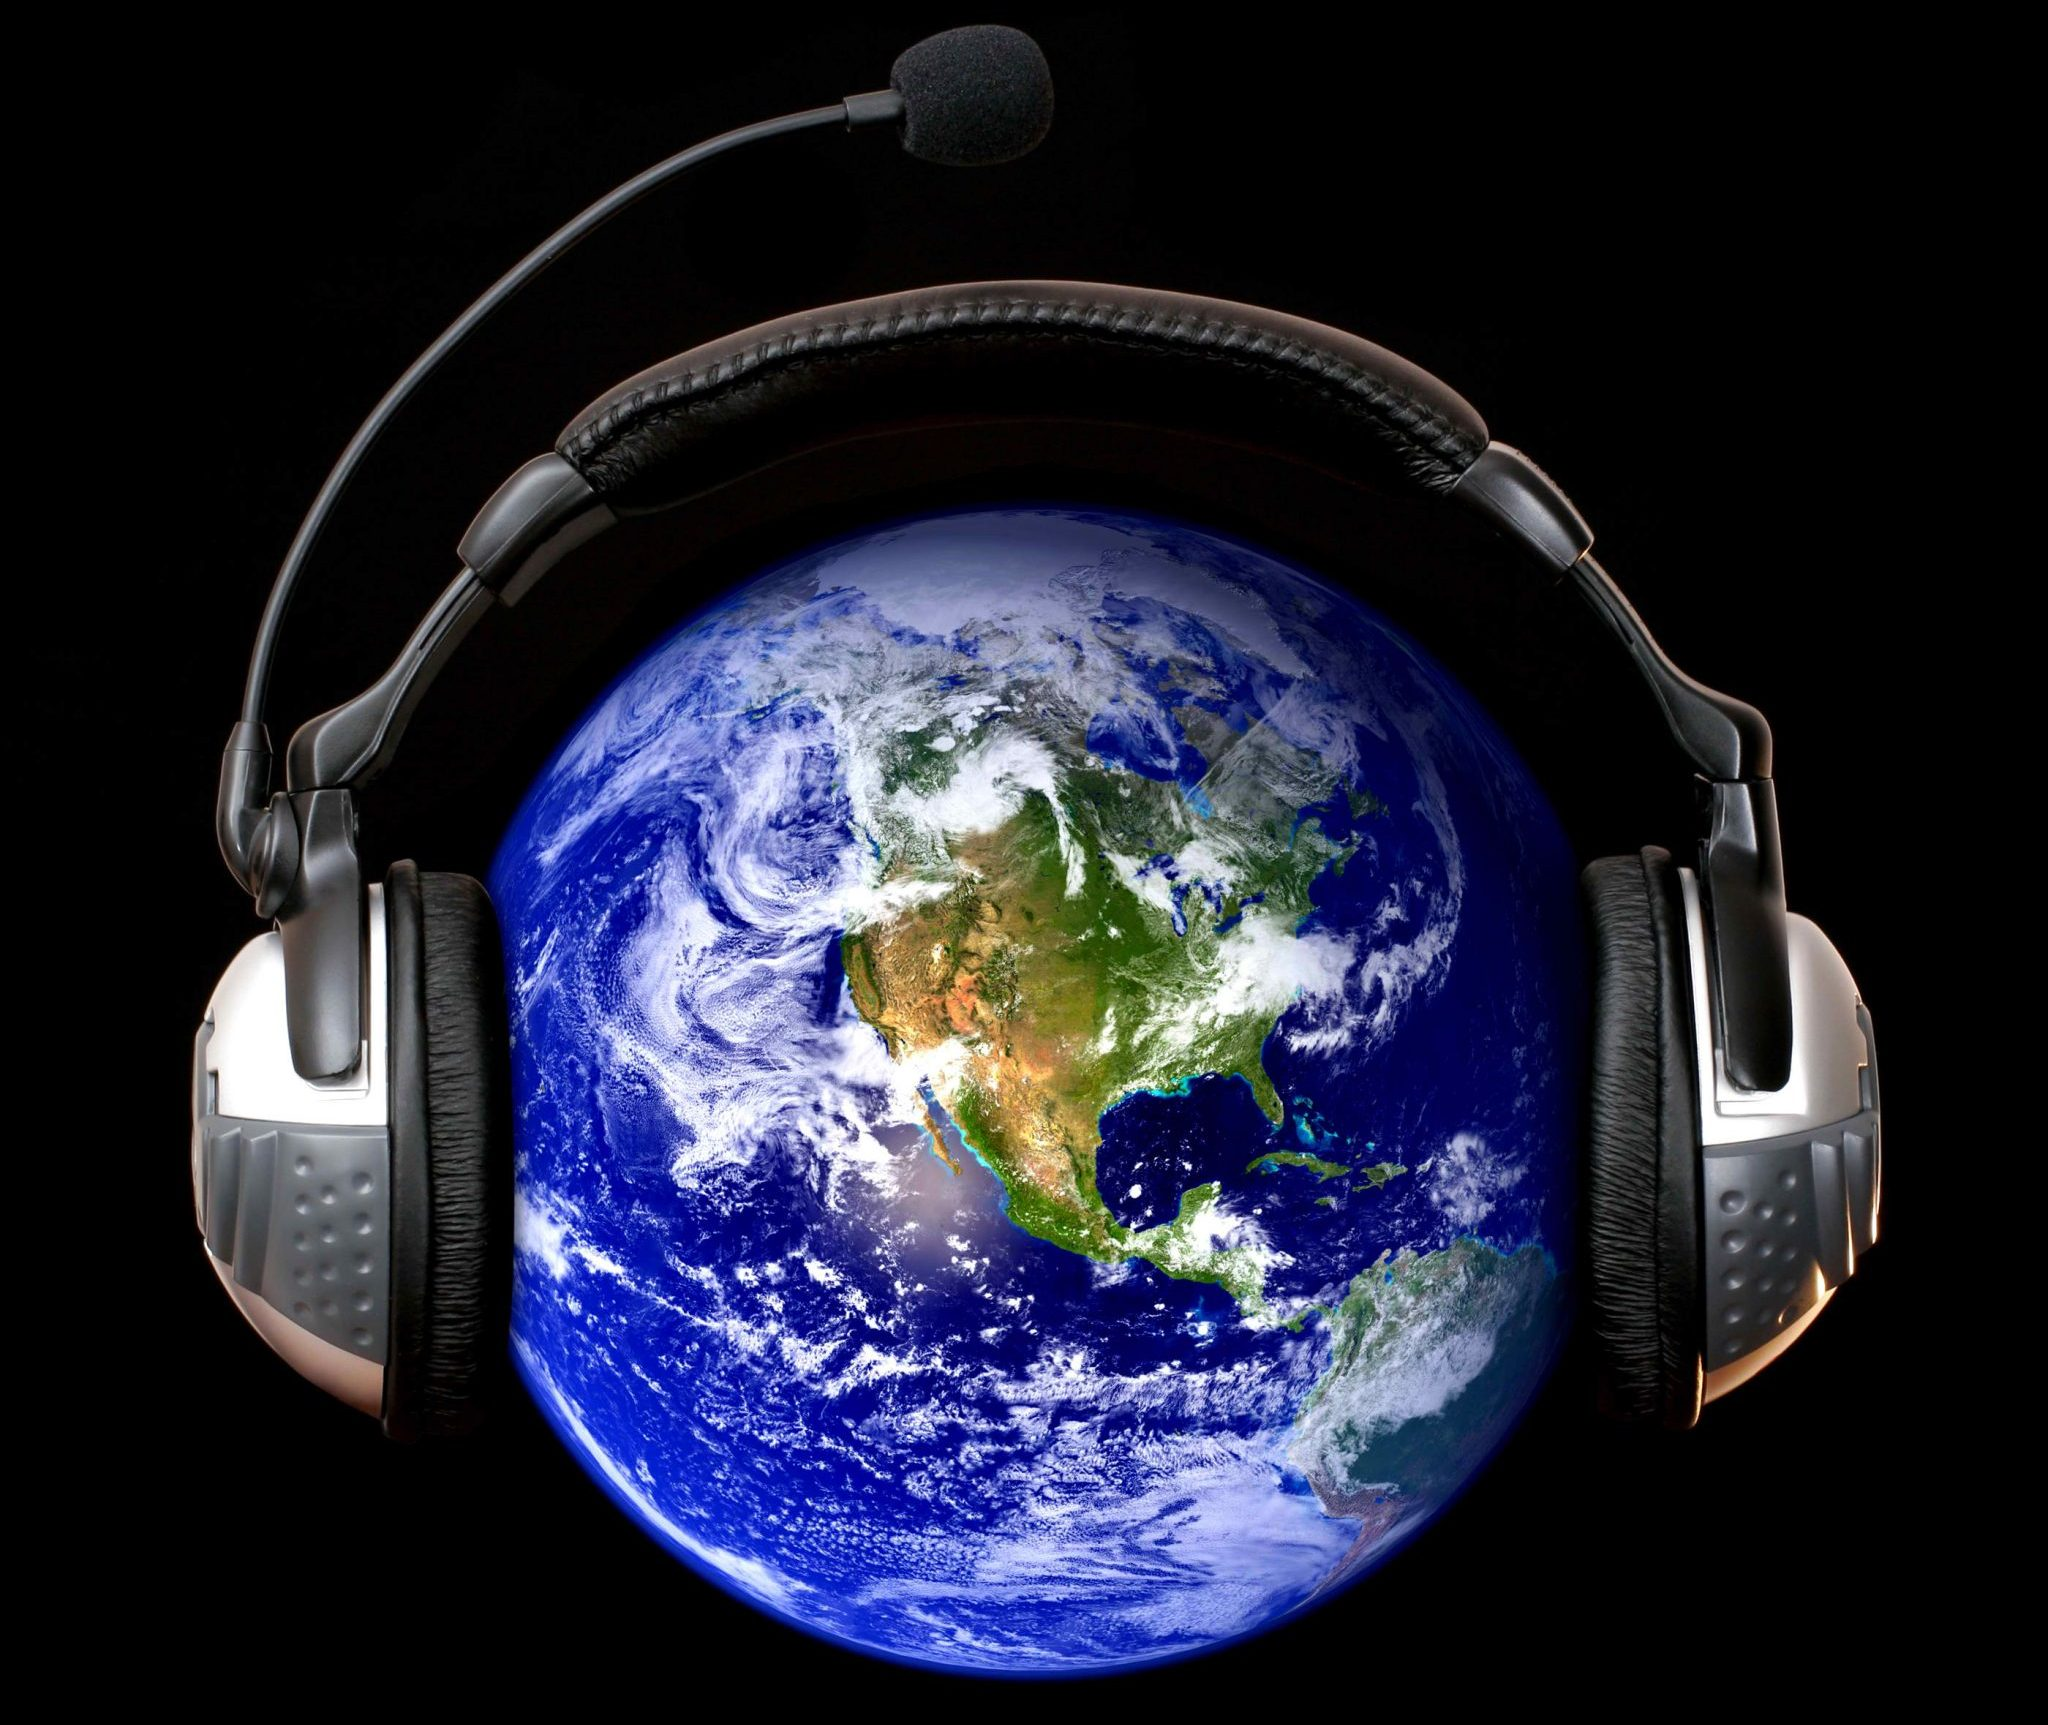 Λειτουργία Διαδικτυακού Ραδιοφώνου